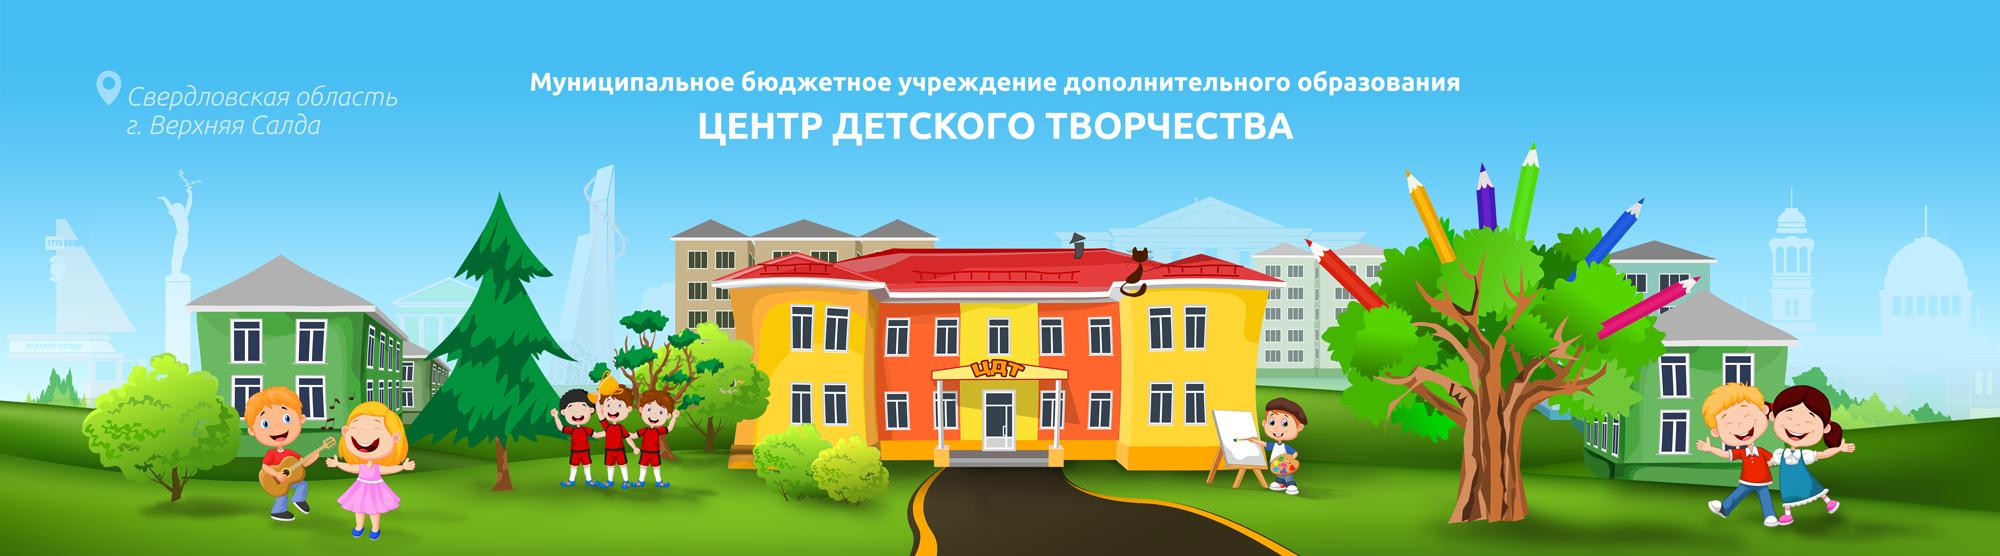 """МБУ ДО """"ЦЕНТР ДЕТСКОГО ТВОРЧЕСТВА"""""""